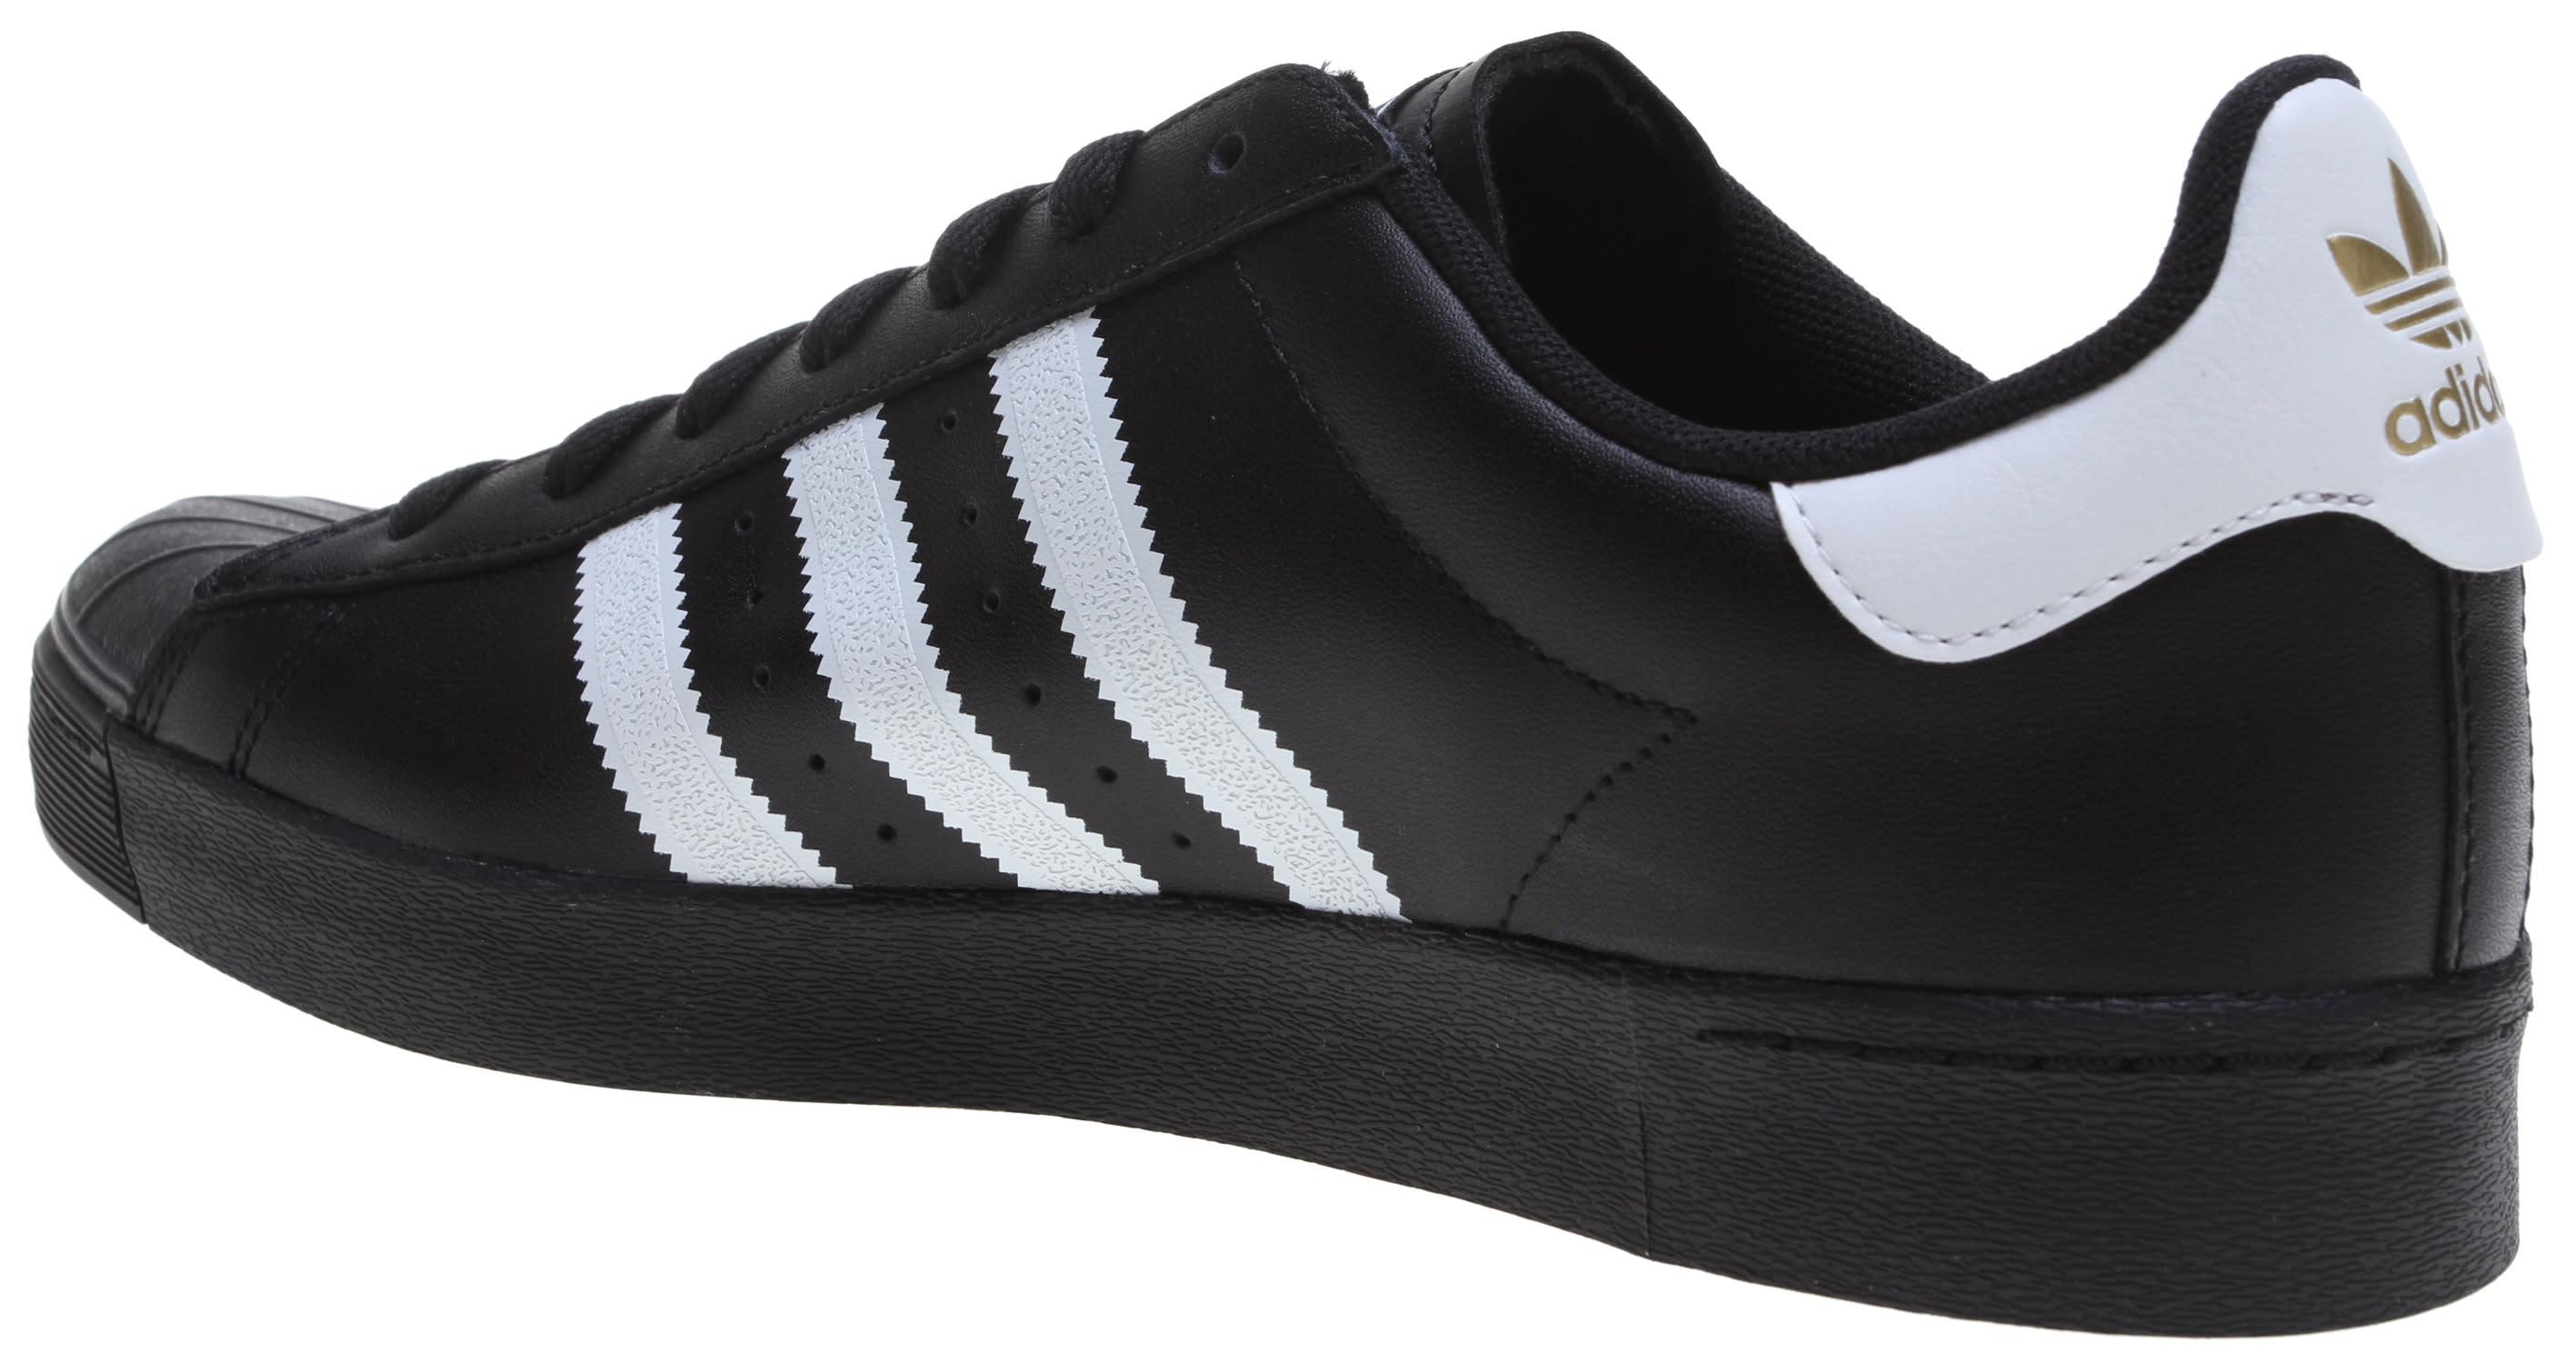 fb79f186bdd8 adidas superstar vulc adv mens shoes